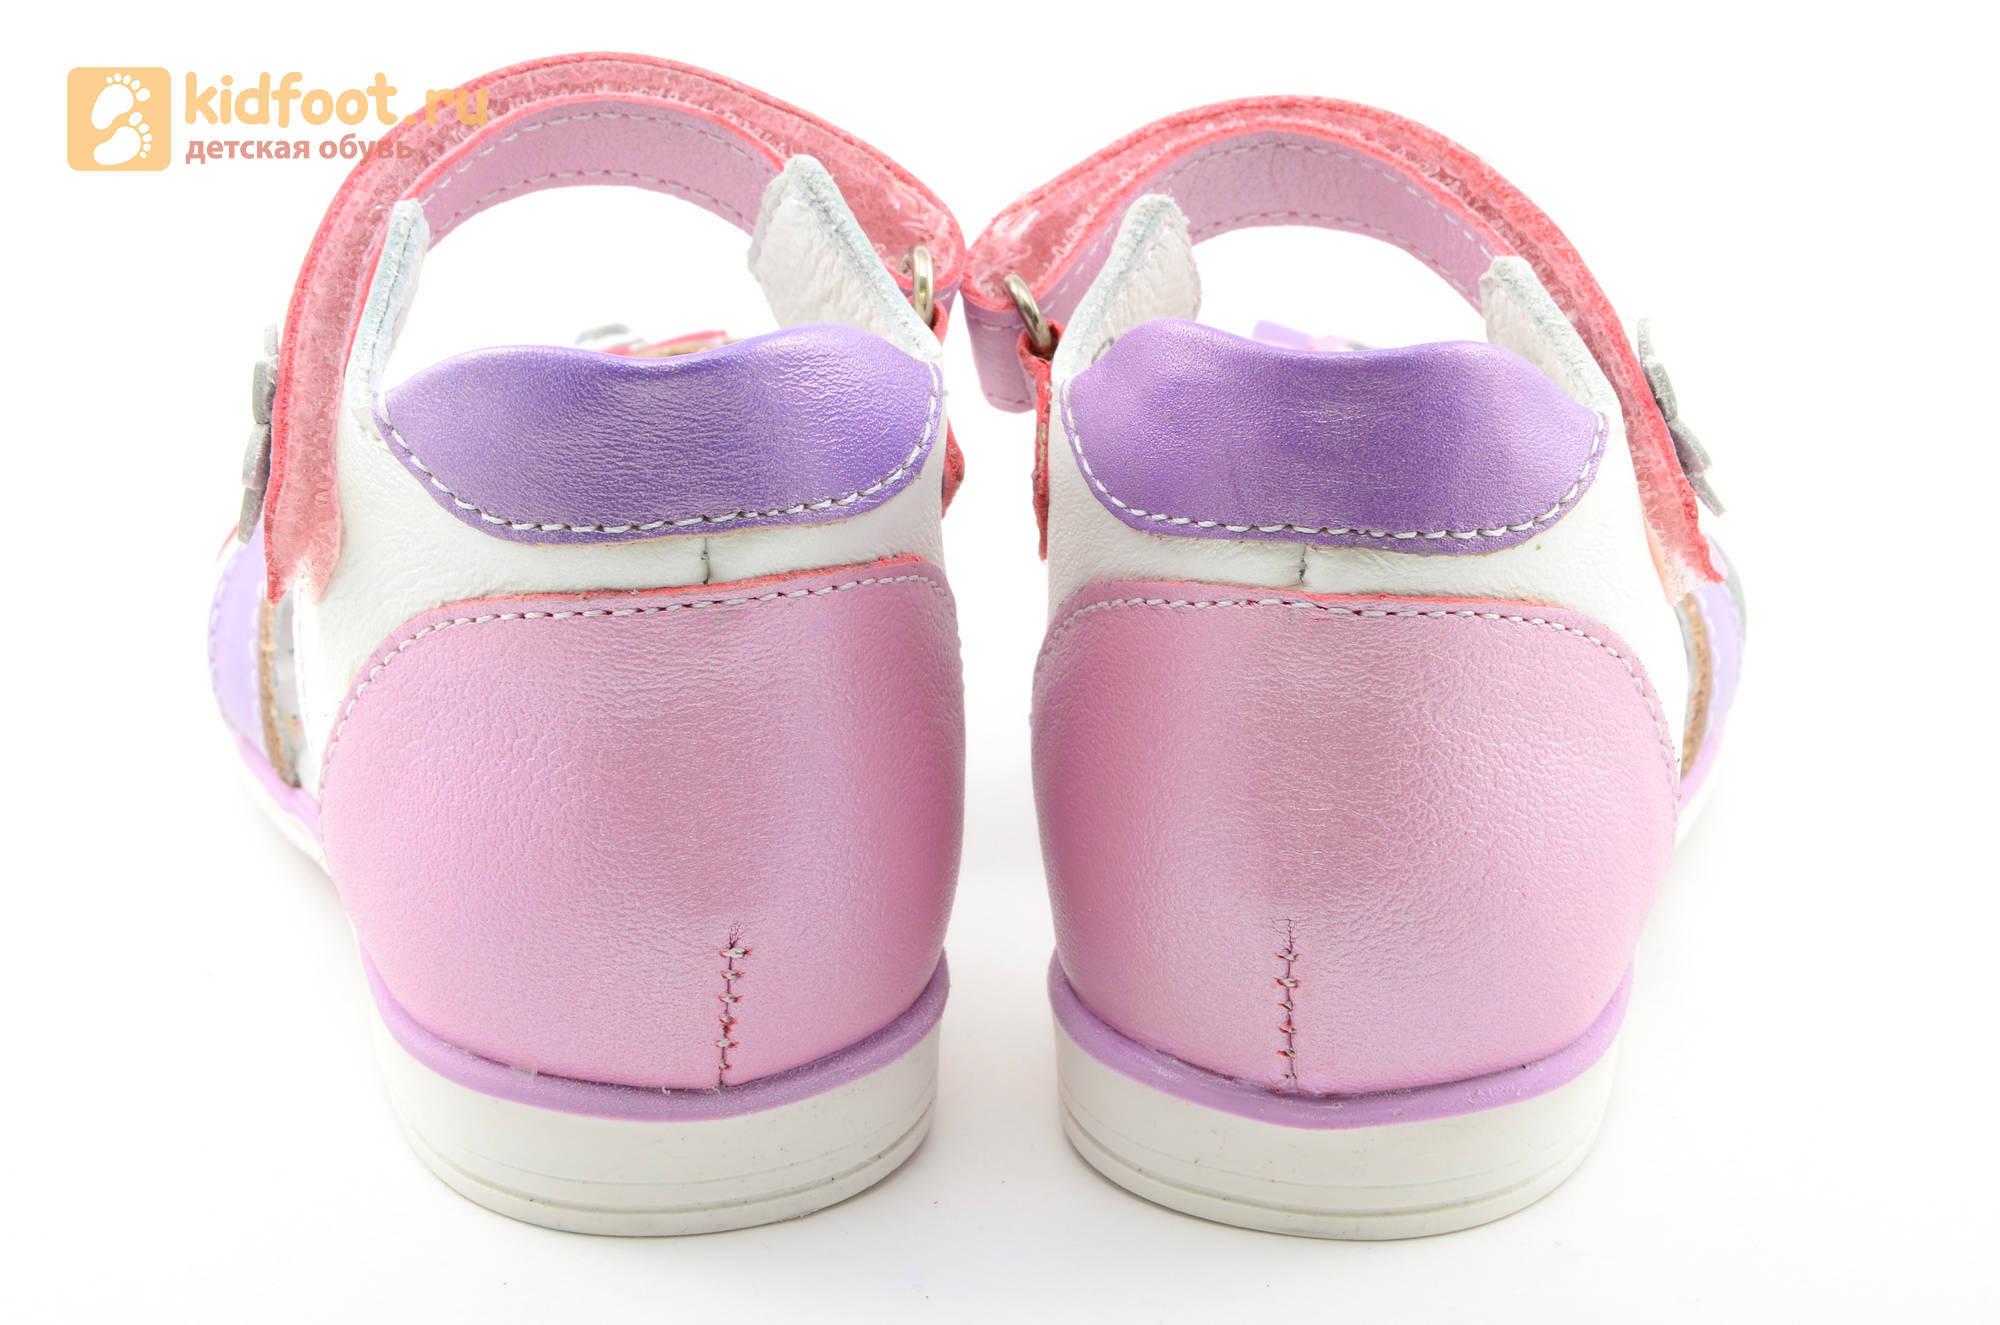 Босоножки ELEGAMI (Элегами) из натуральной кожи для девочек, цвет белый розовый